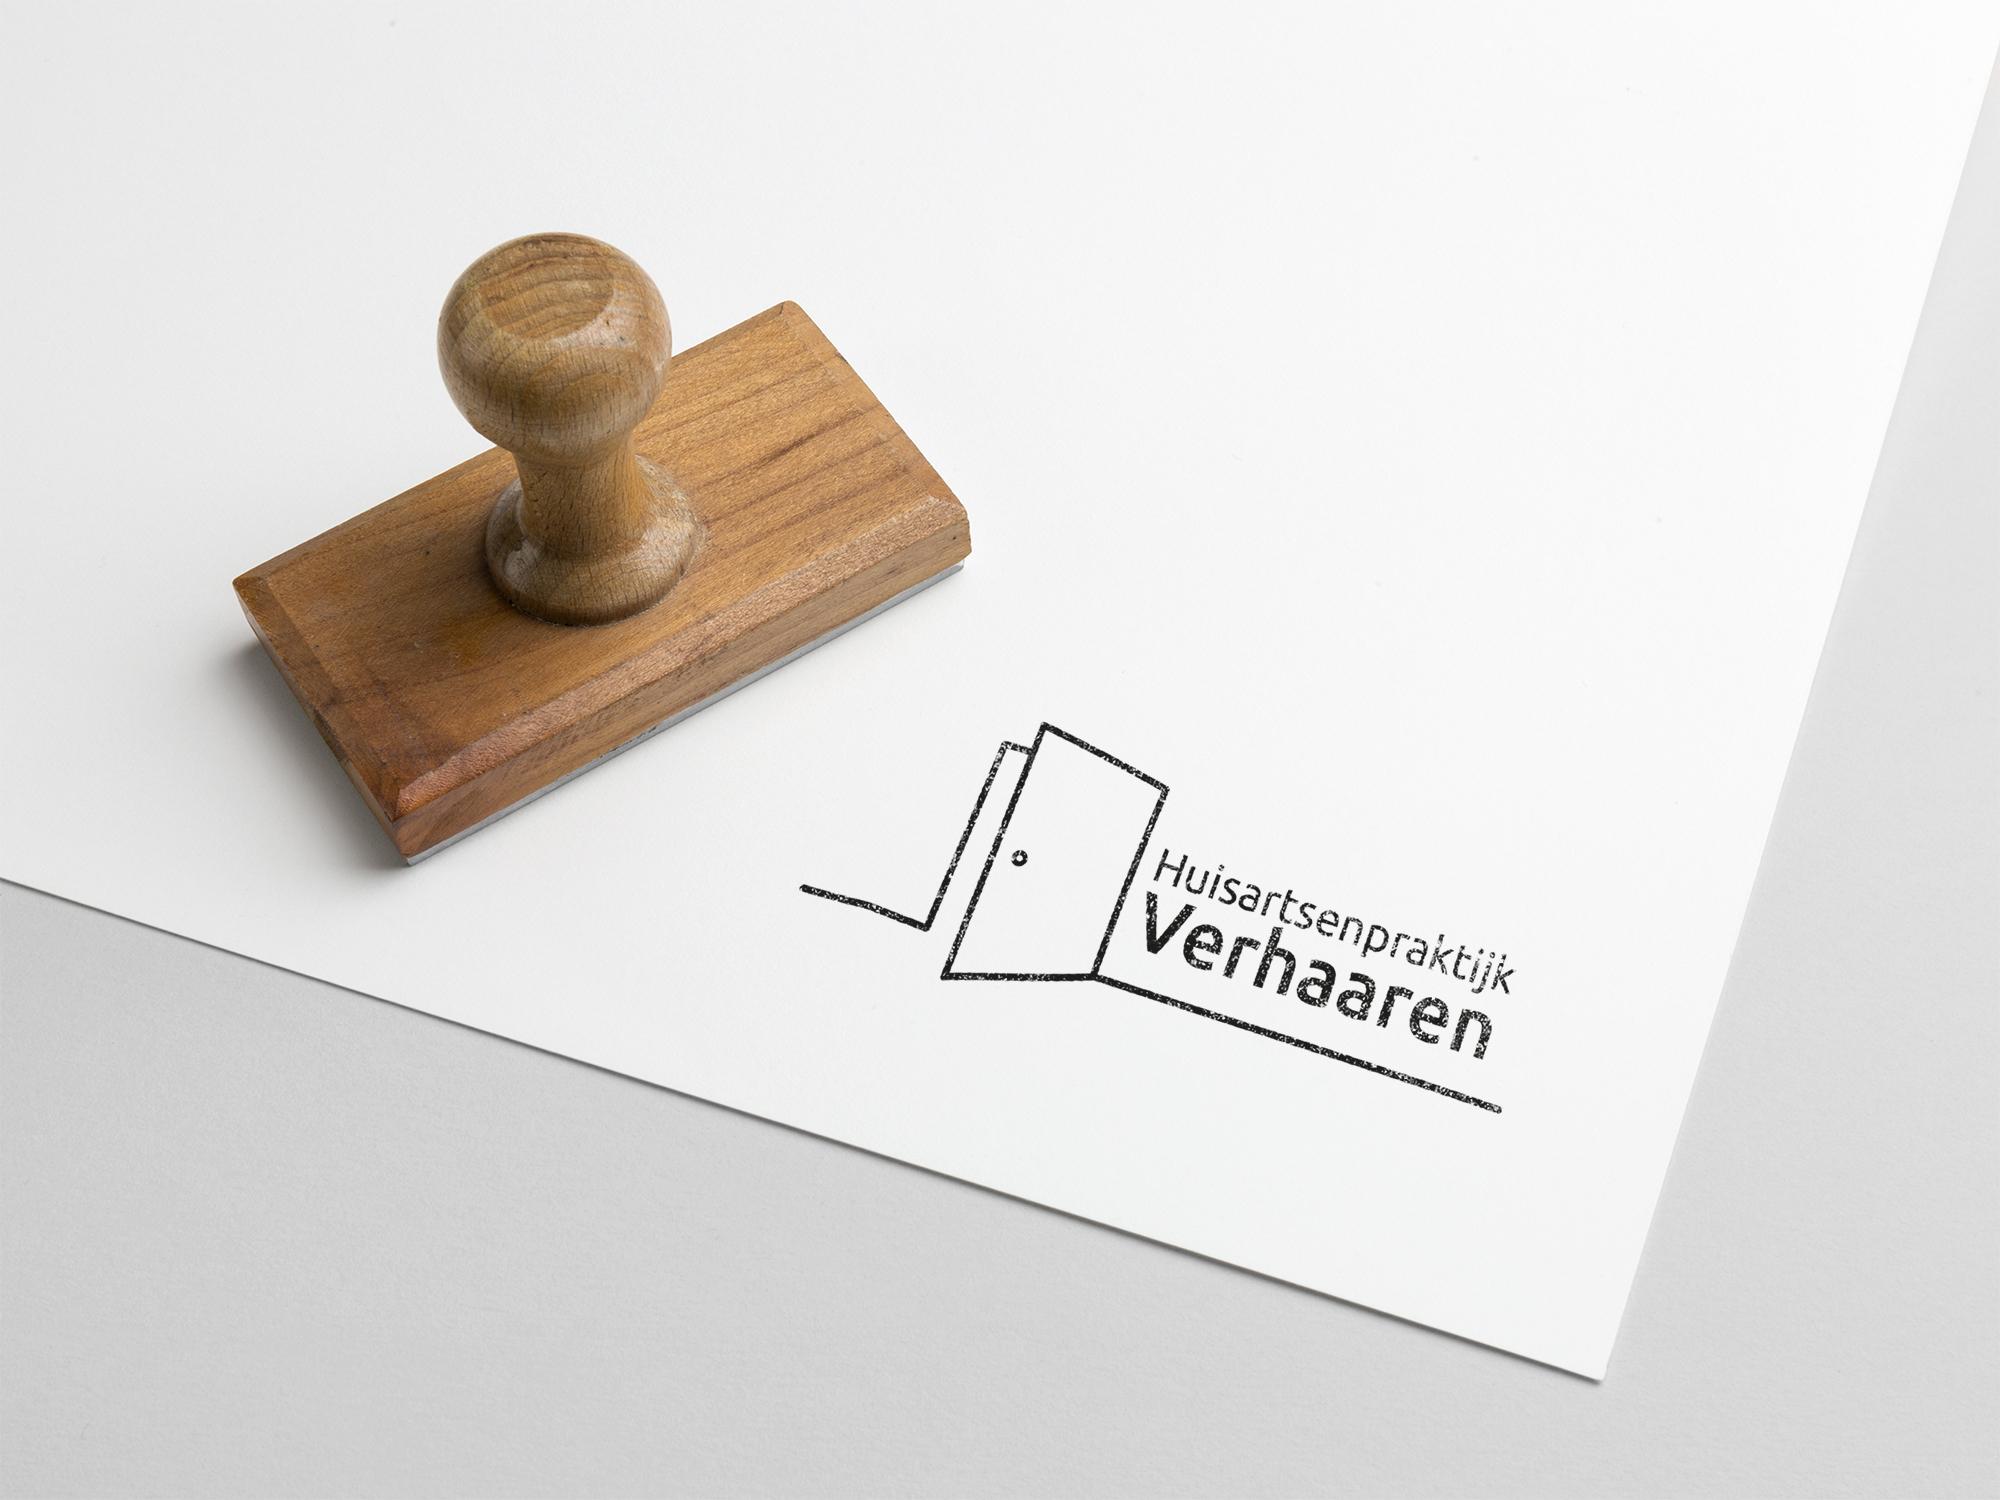 foto van stempel met logo van huisartsenpraktijk verhaaren